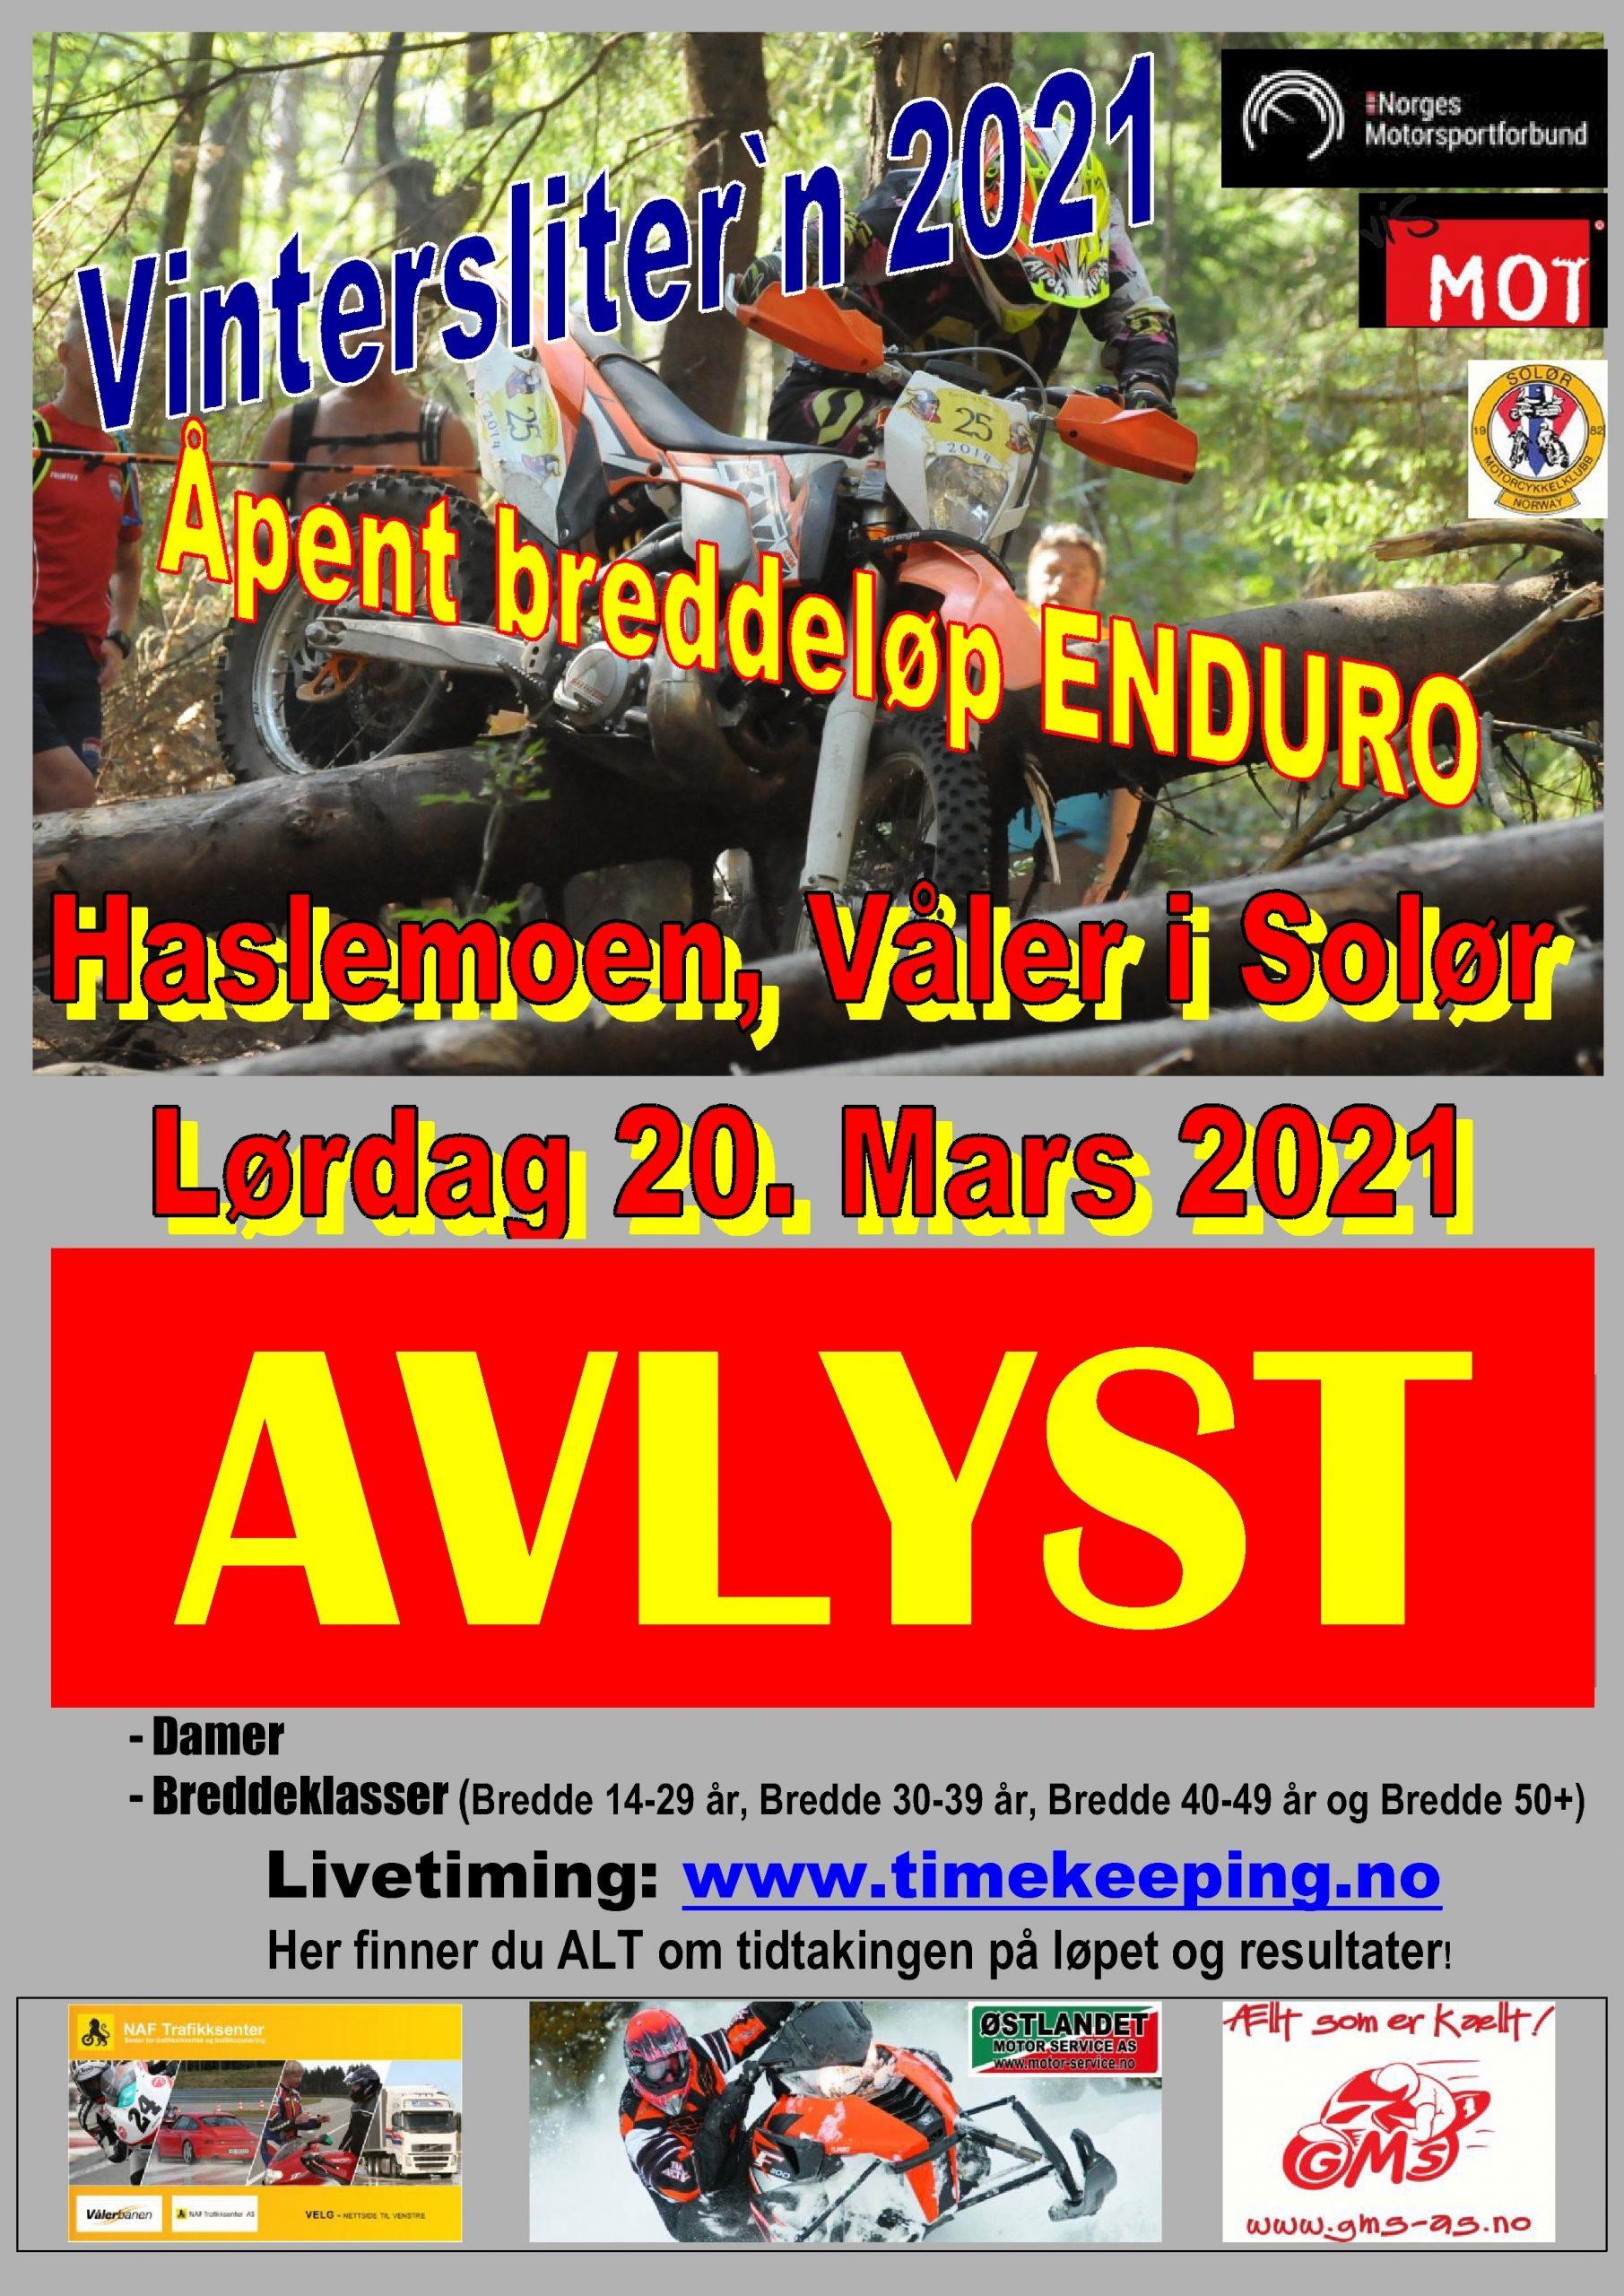 2avlyst - Poster Vinterslitern 2021 - 20.03.2021